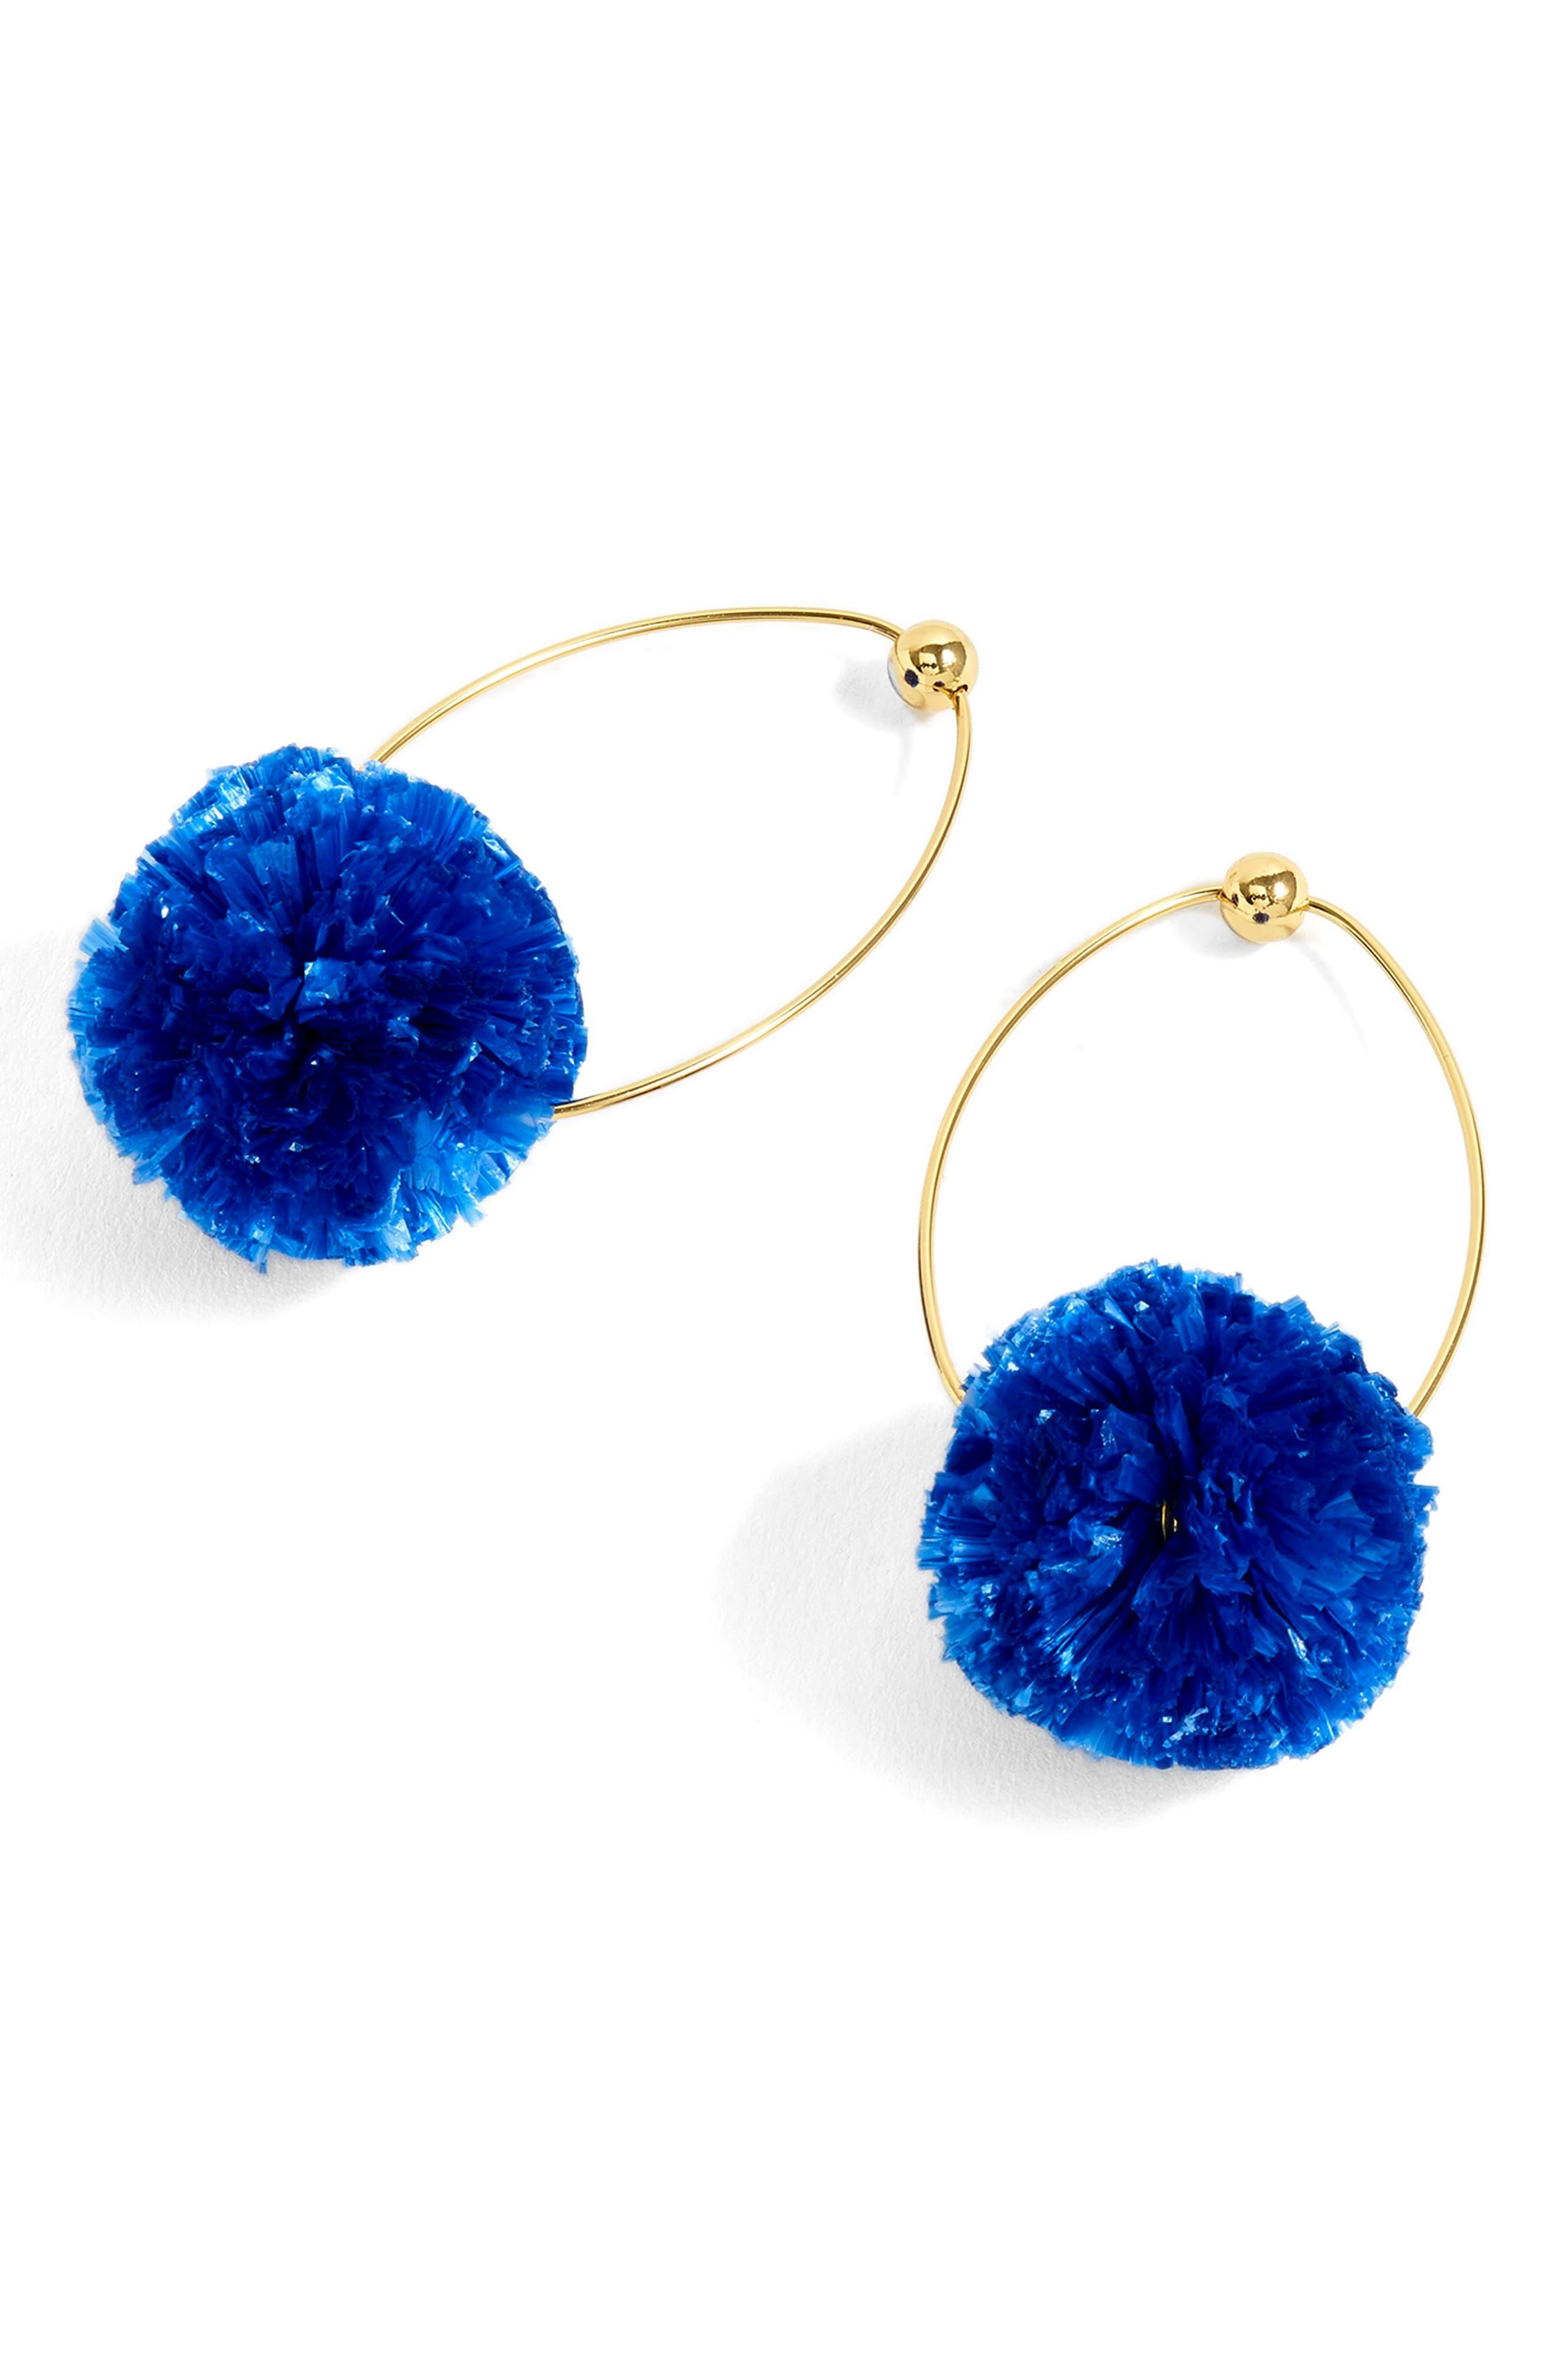 J.Crew Dandy Drop Earrings